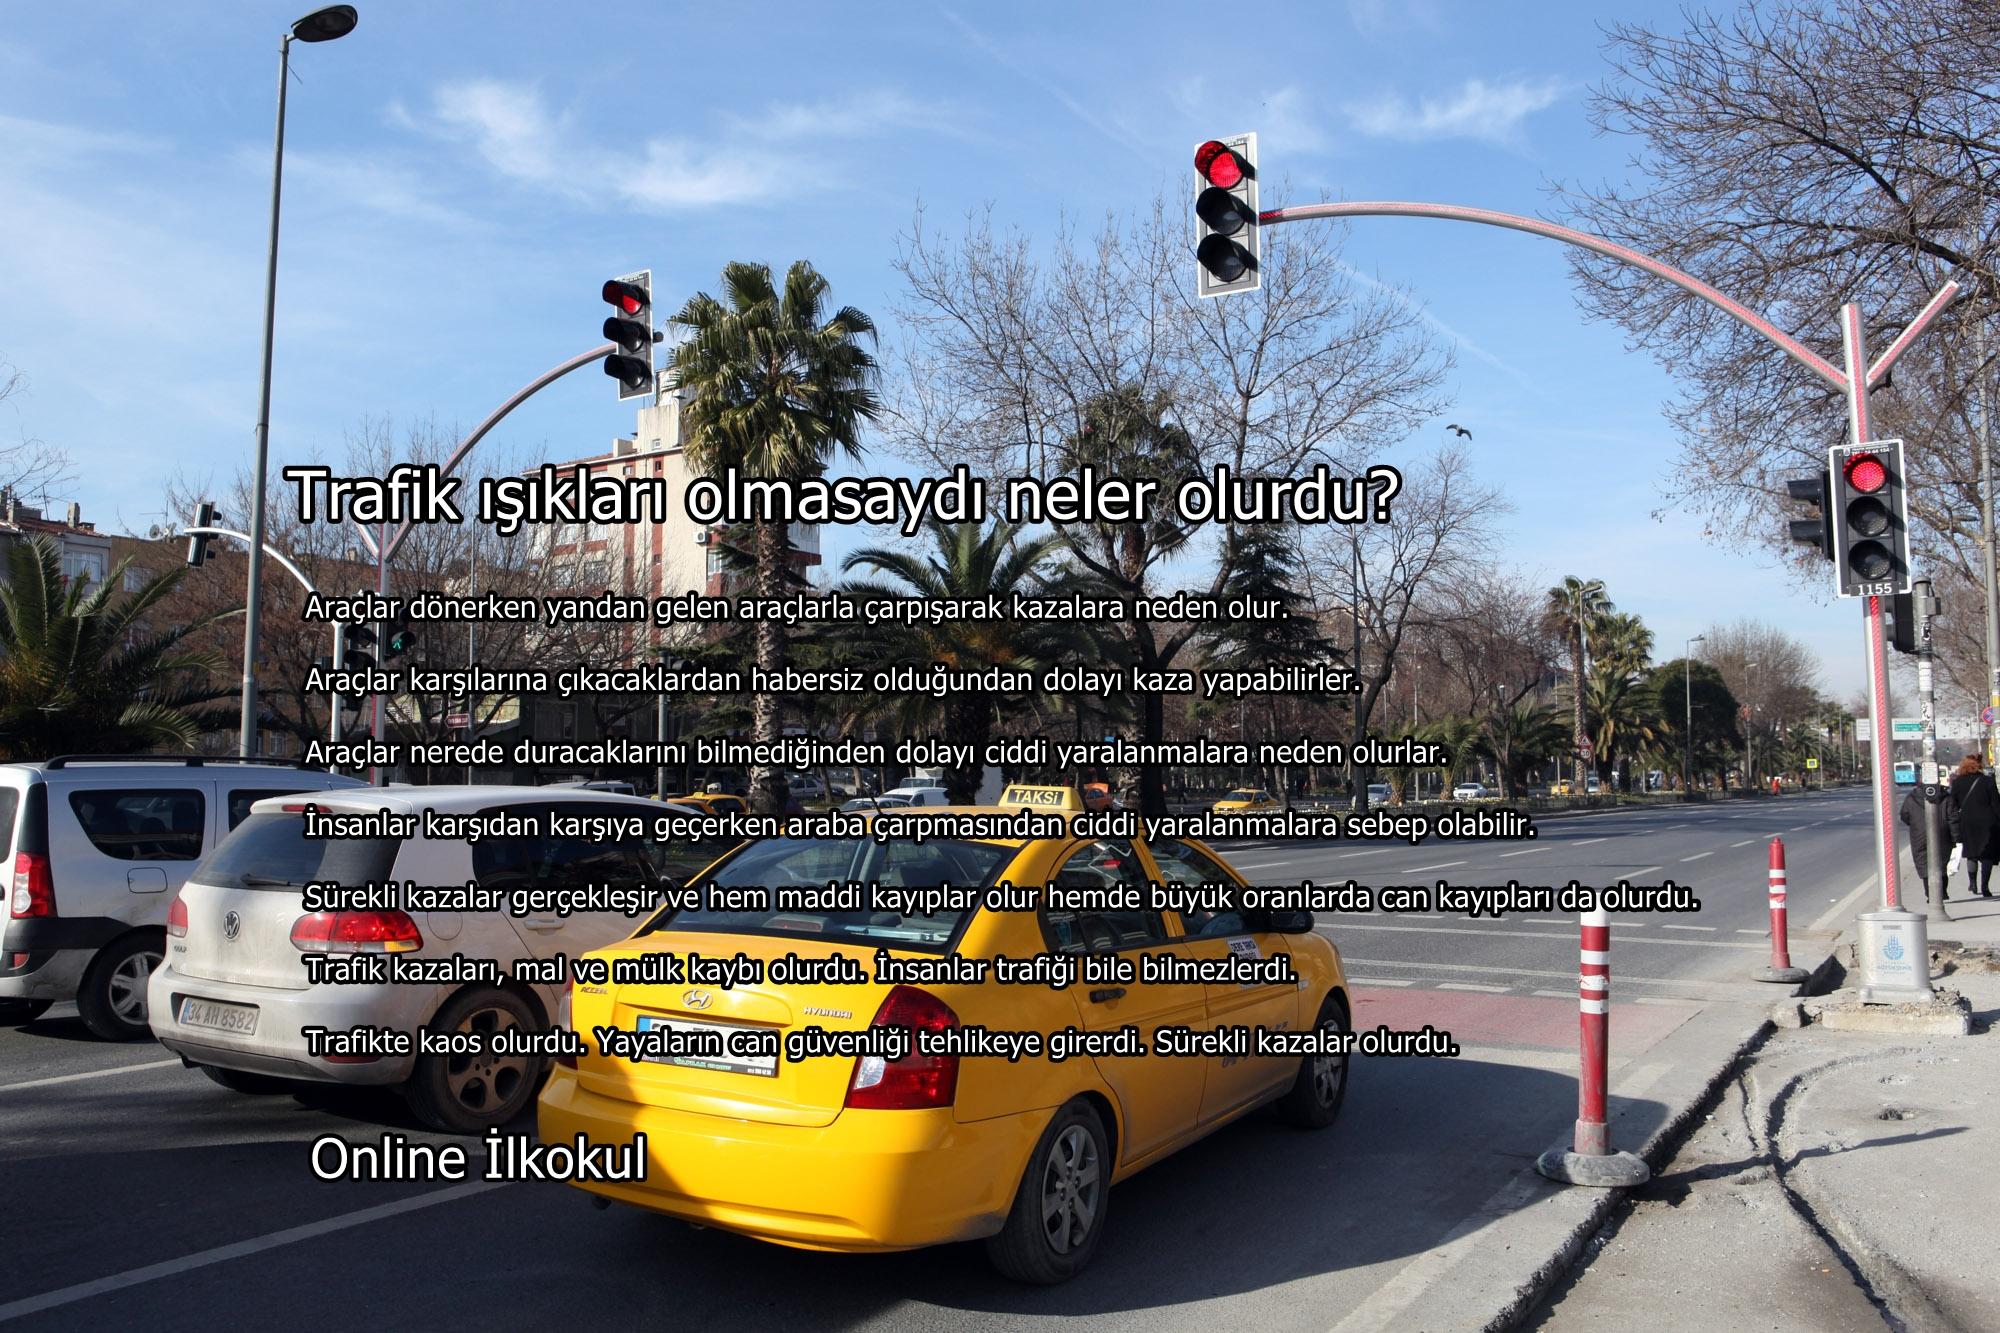 Trafik ışıkları olmasaydı neler olurdu?